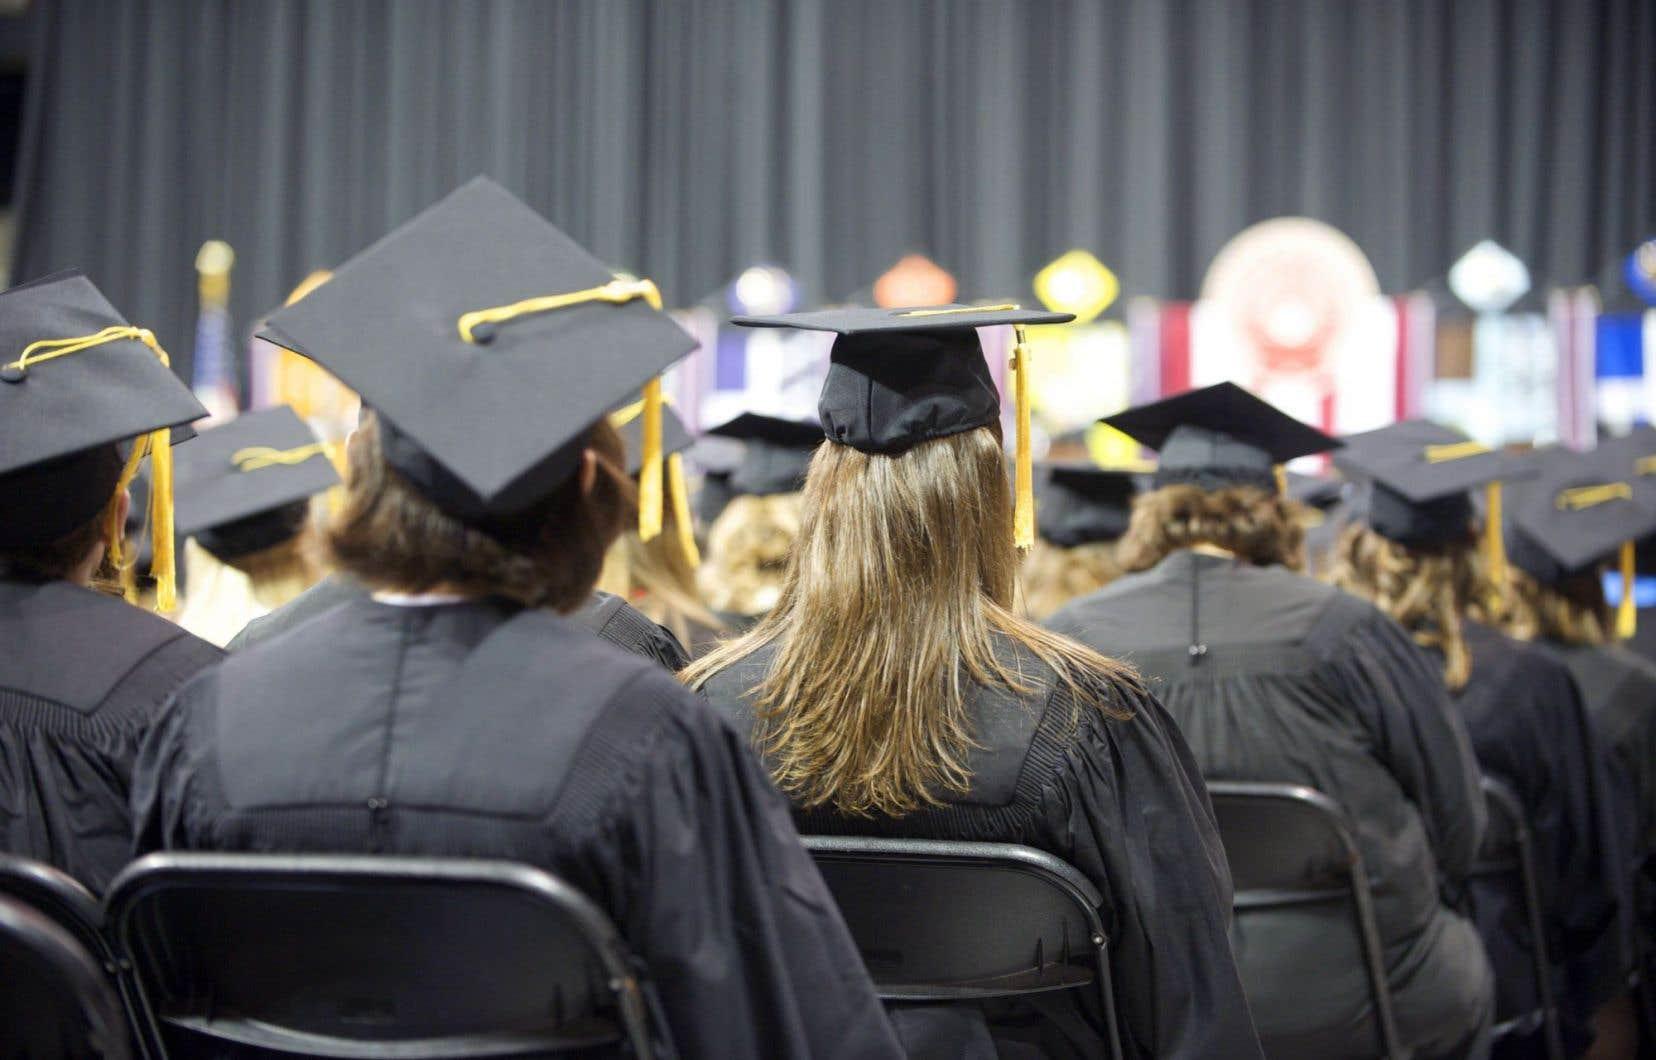 Ce diplôme ne portera qu'un nom, mais ce ne sera pas celui d'une seule personne. Ce diplôme, c'est un peu une société au complet qui s'est dit un jour que l'éducation était une voie vers l'avenir.